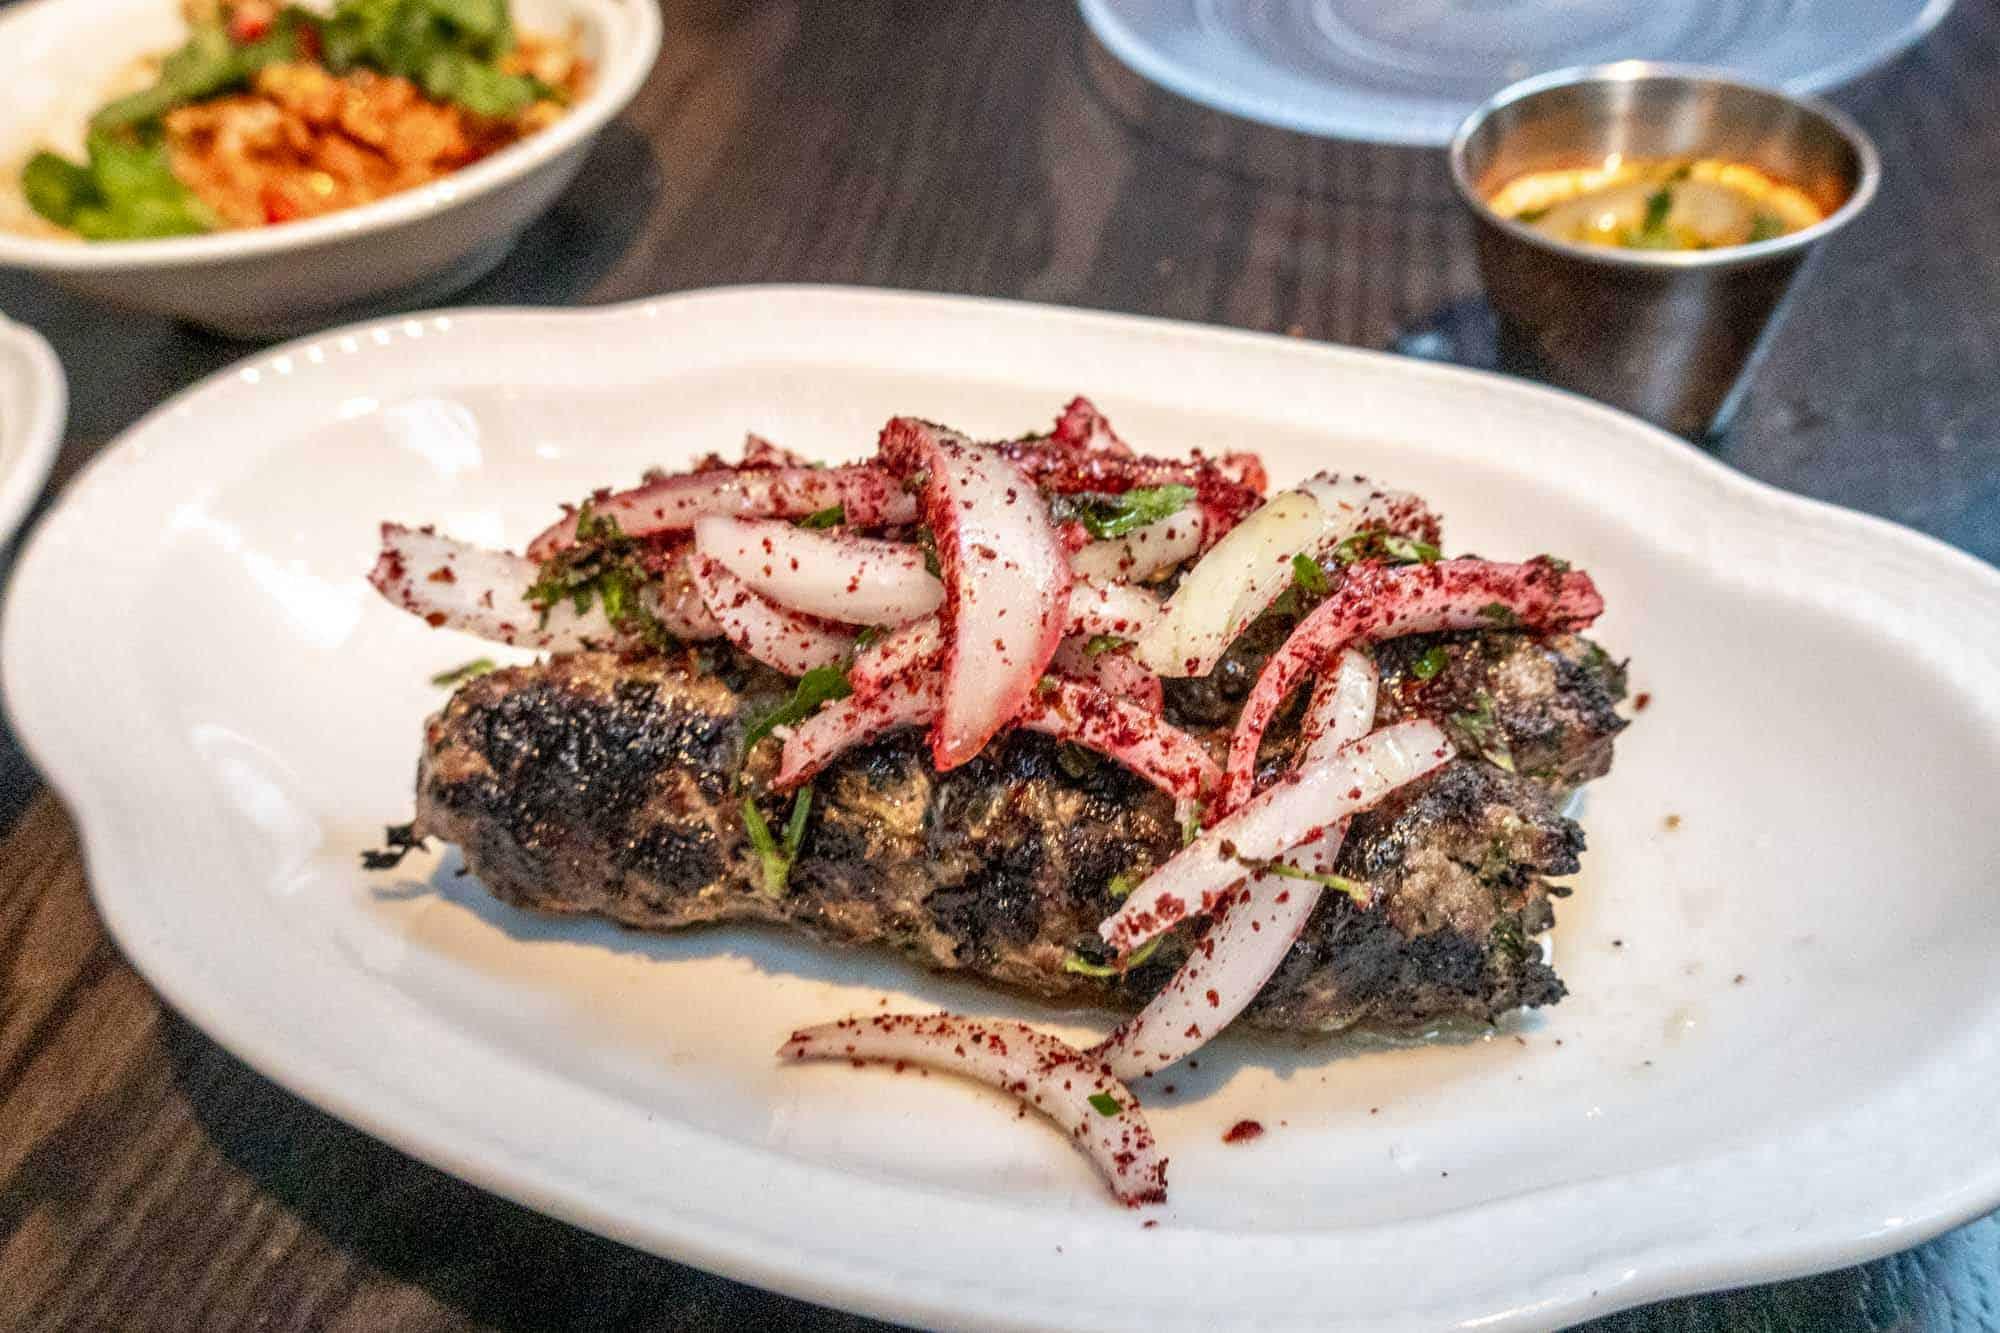 Kebab on plate